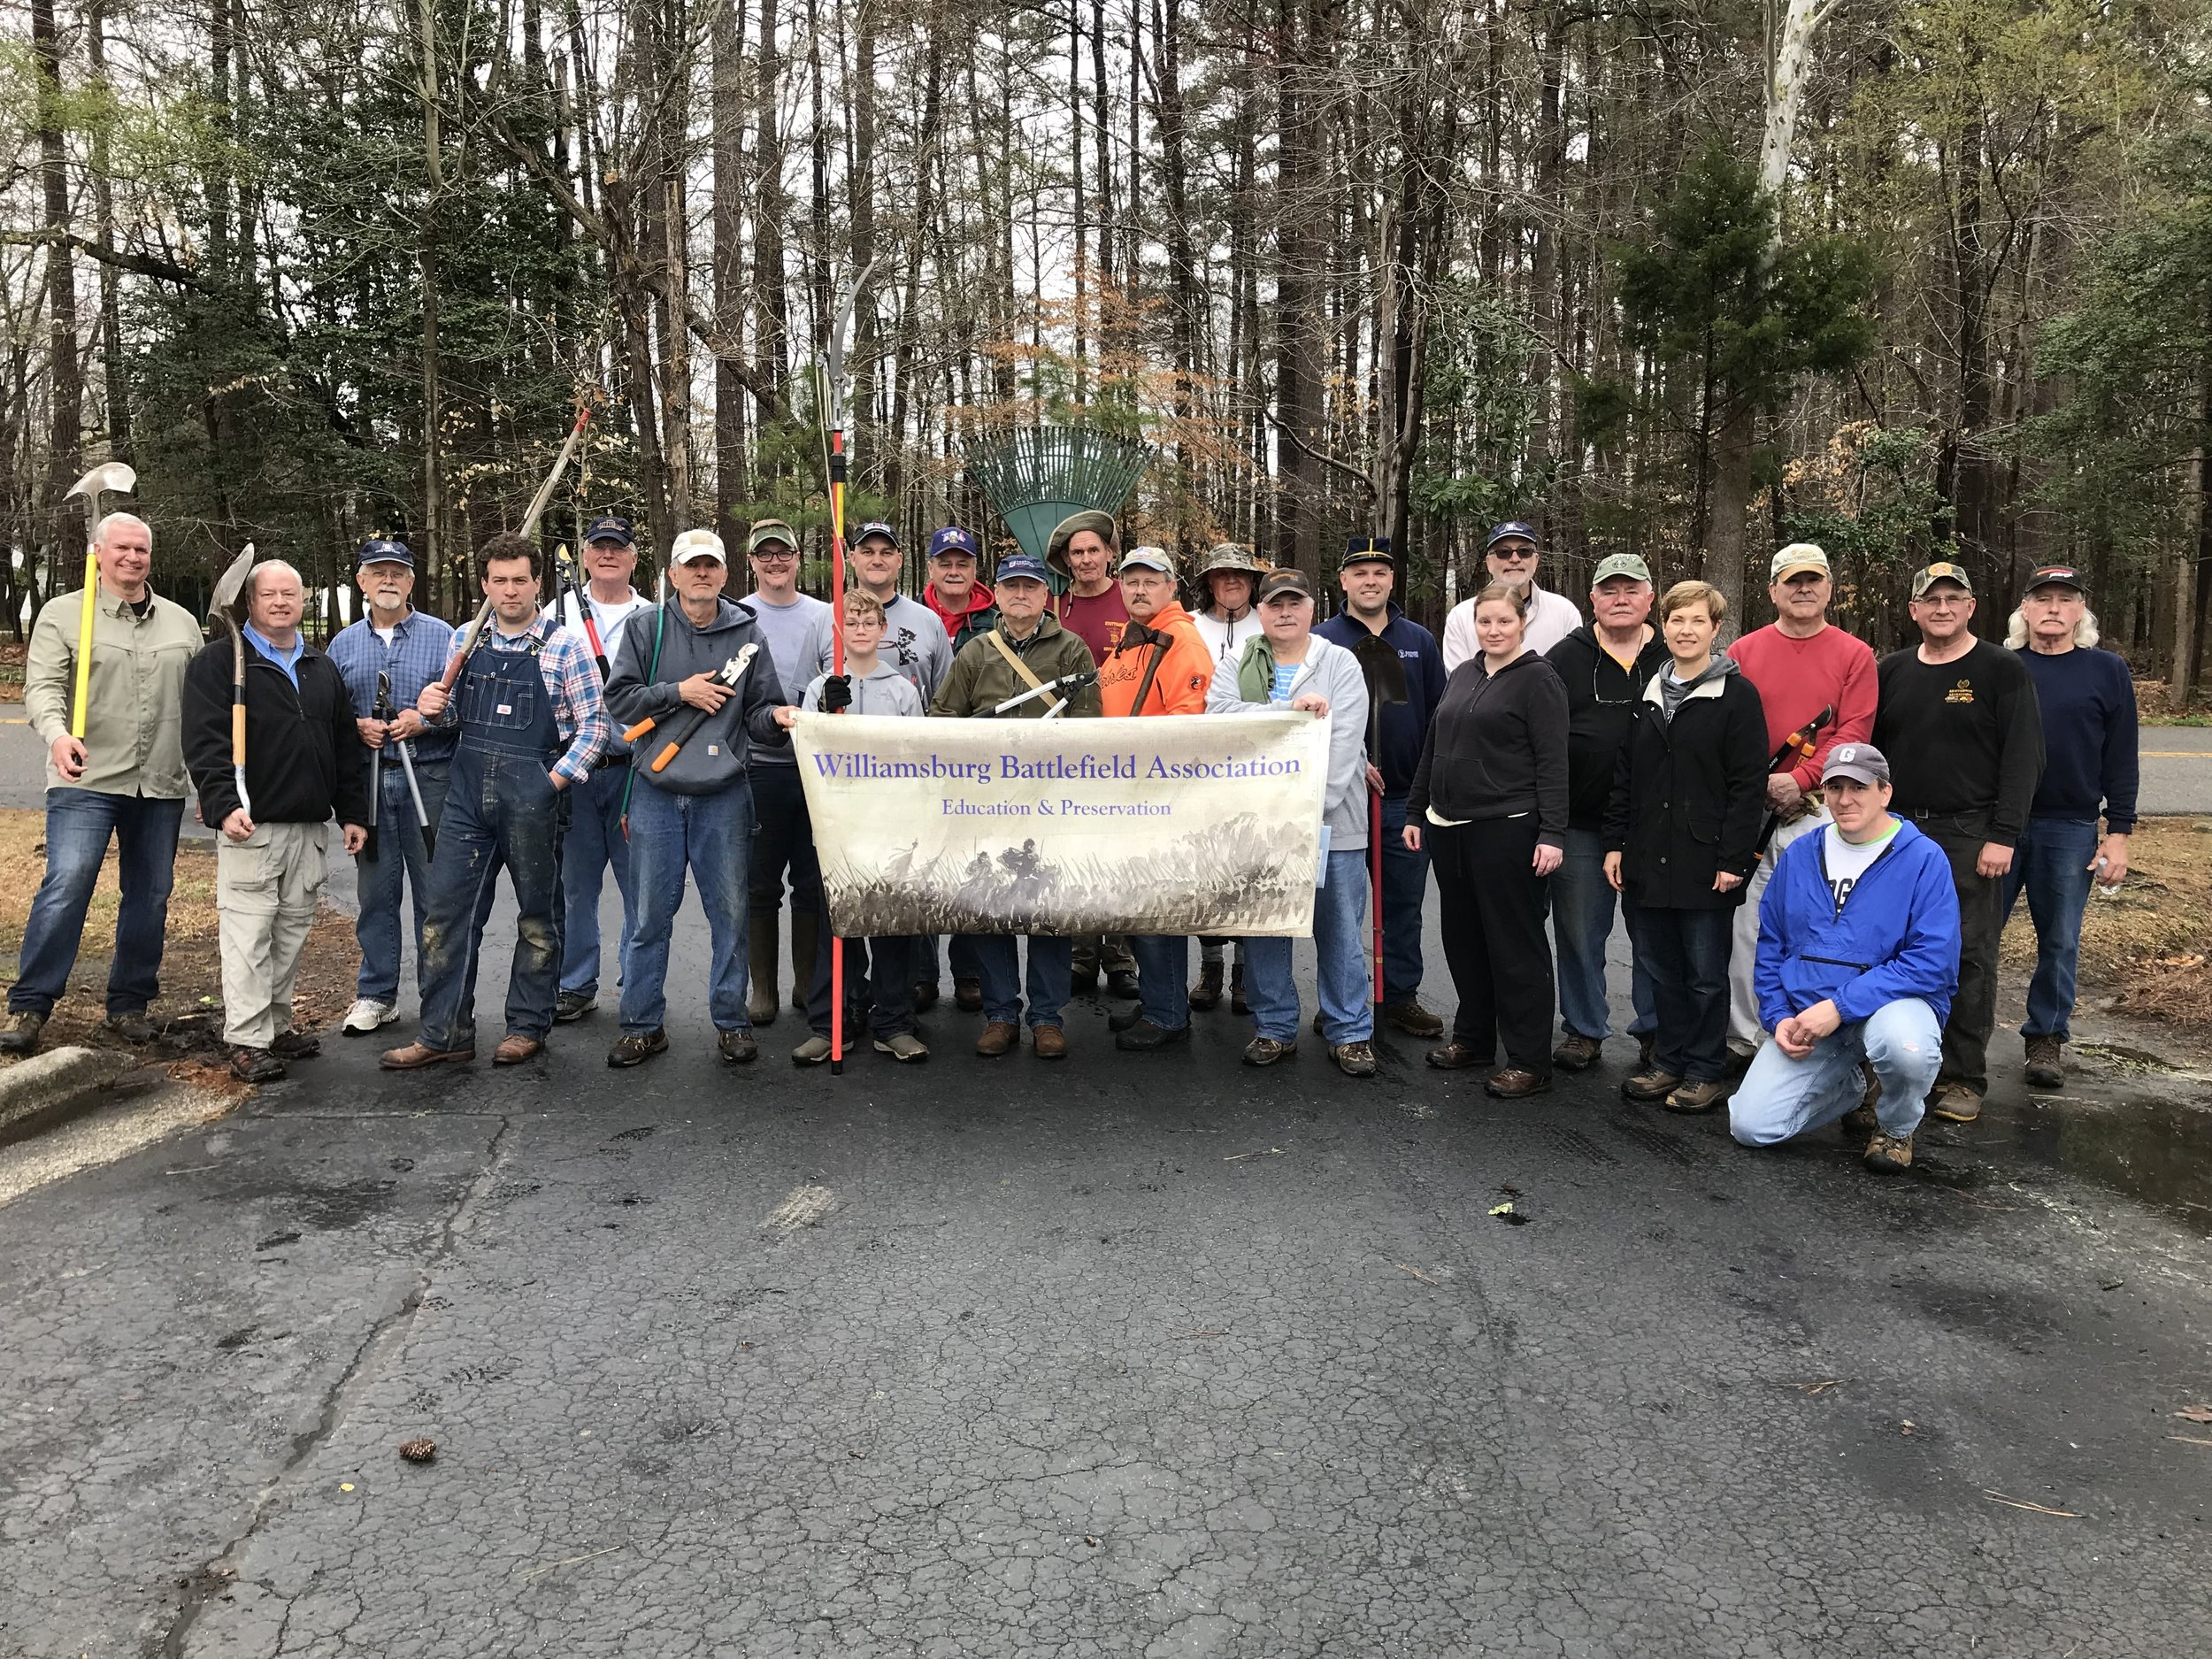 2019 Park Day Participants